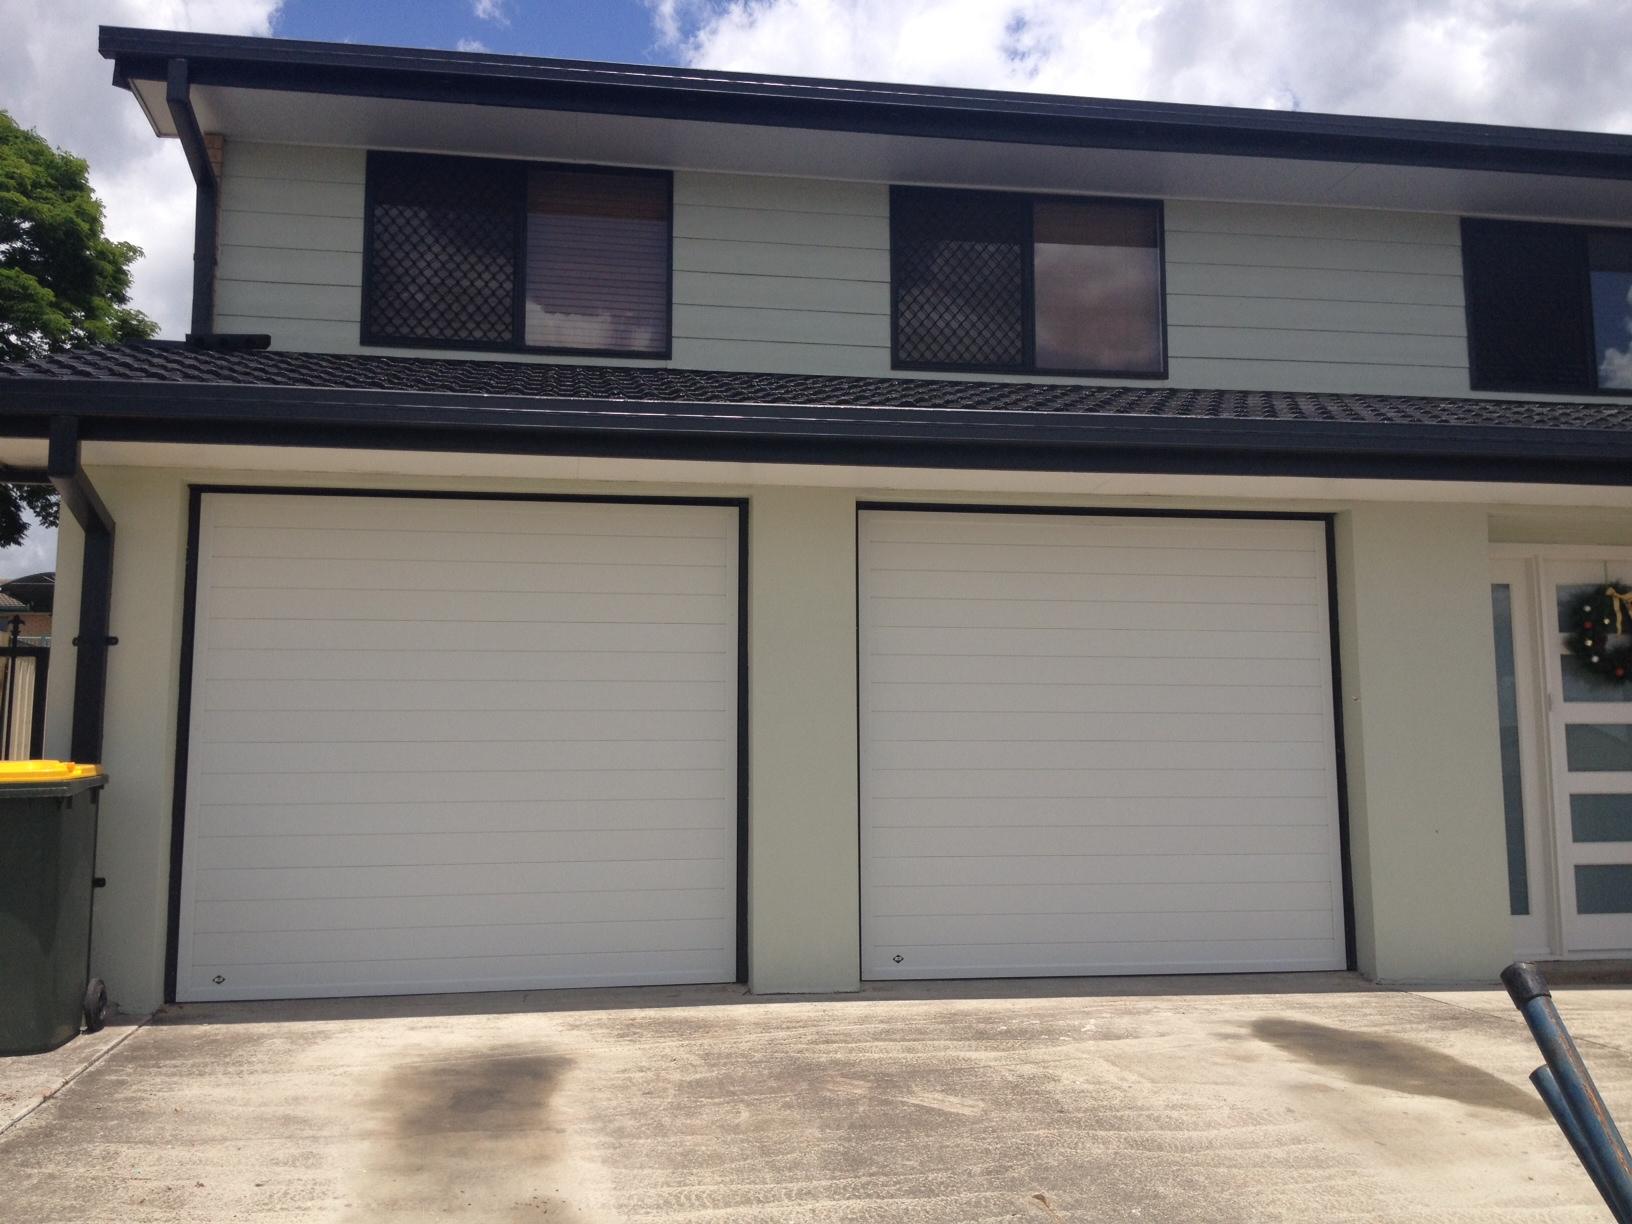 1224 #3C558F Sectional Sheeting Tilt Doors Gallery Doors Direct image Overhead Doors Direct 38431632